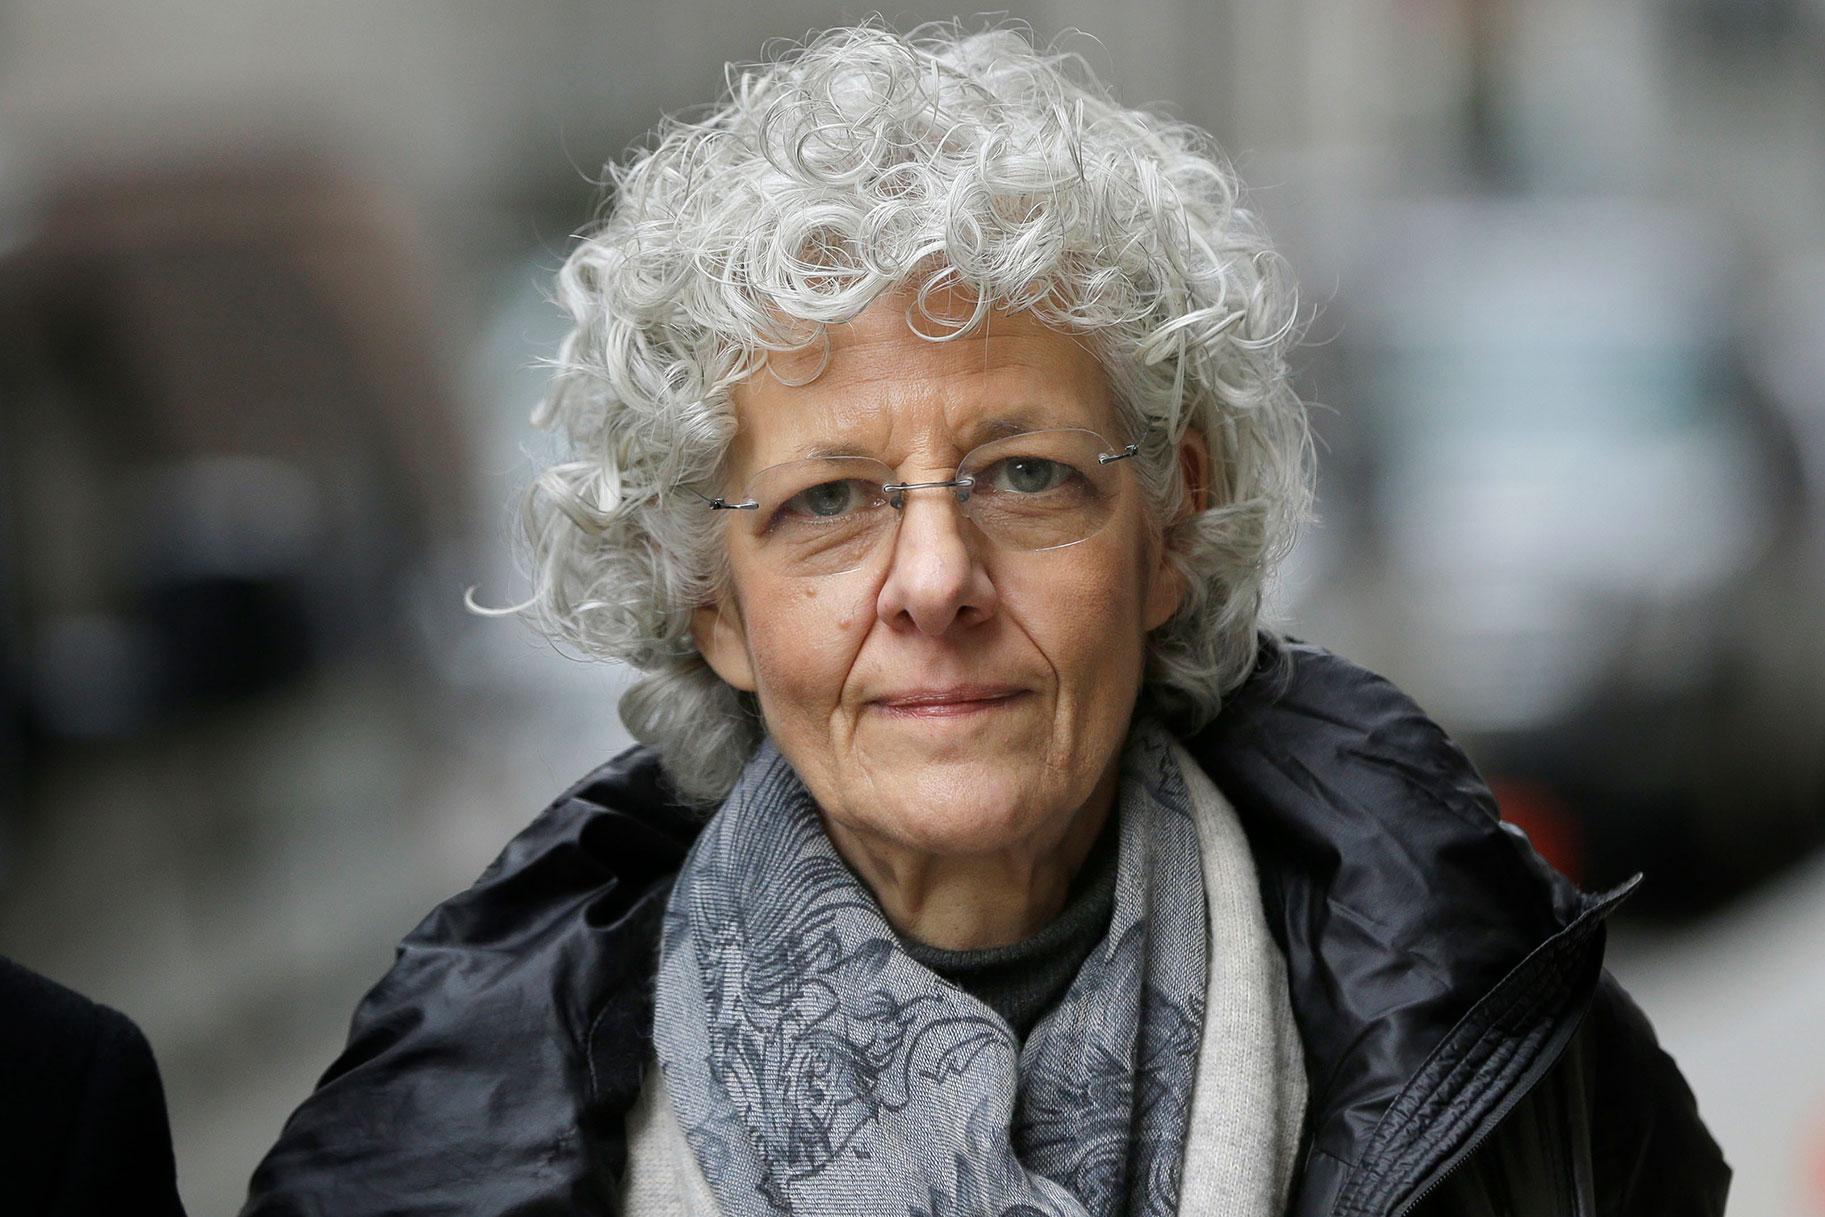 Kje je Ann Freedman, predsednica bivše galerije Knoedler, zavita v umetniški škandal v višini 80 milijonov dolarjev?